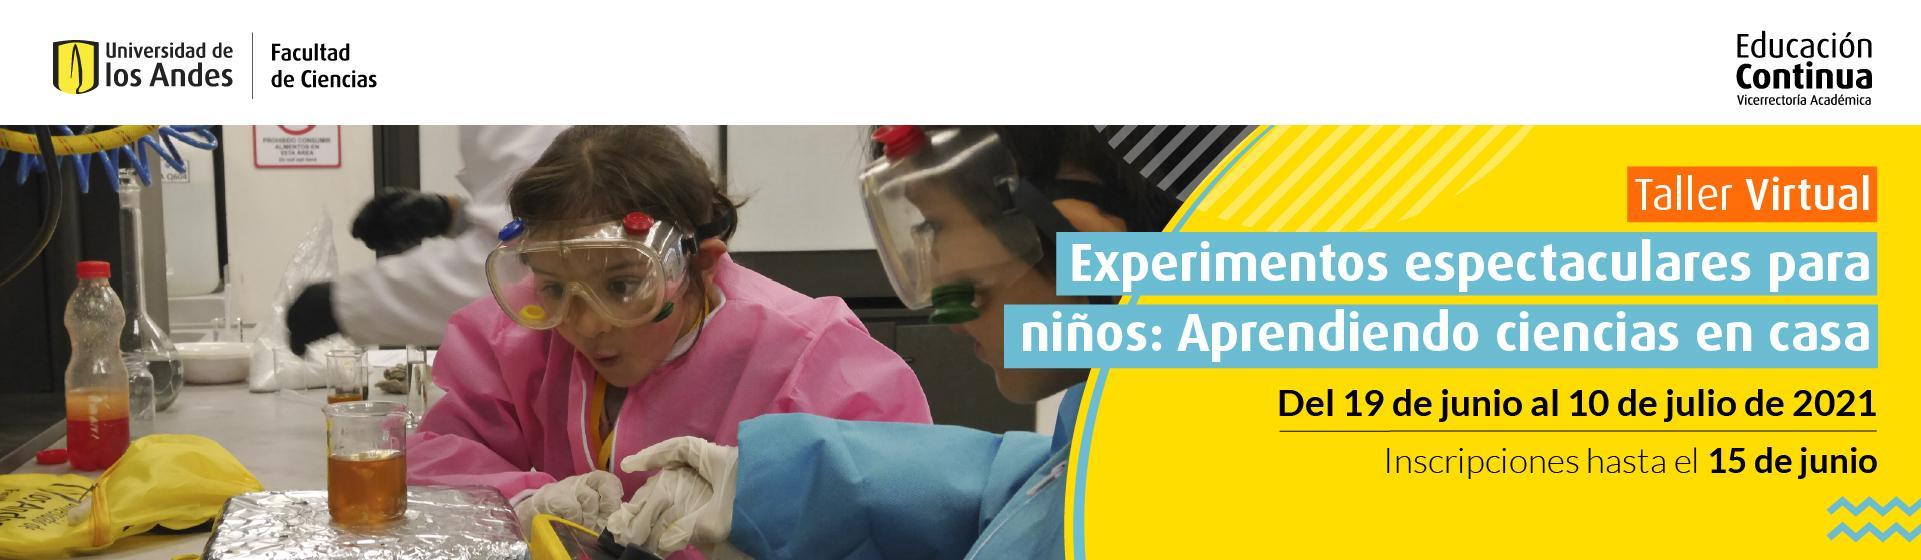 Experimentos espectaculares para niños - Uniandes